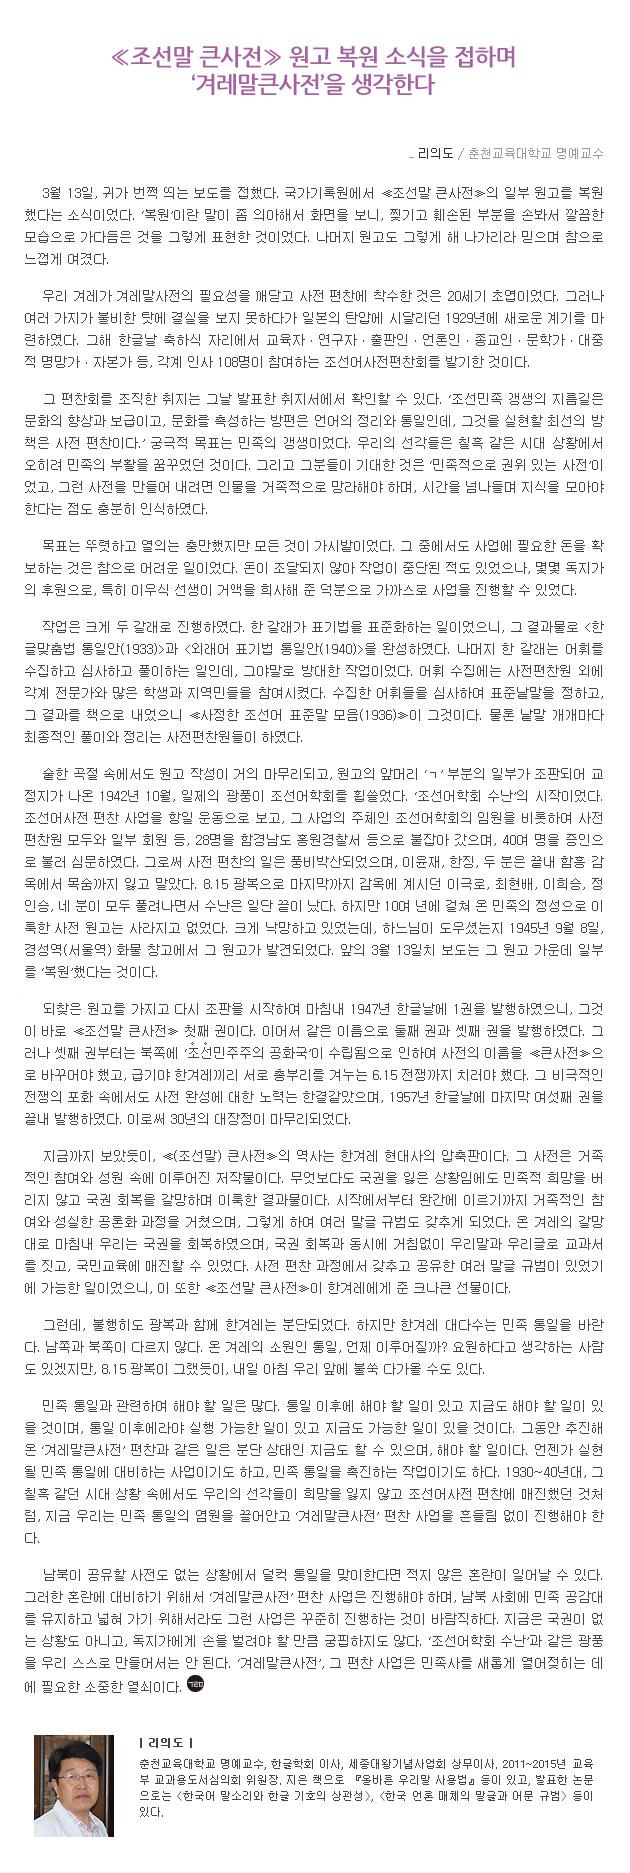 사본 -201603월호_겨레의창(리의도).jpg